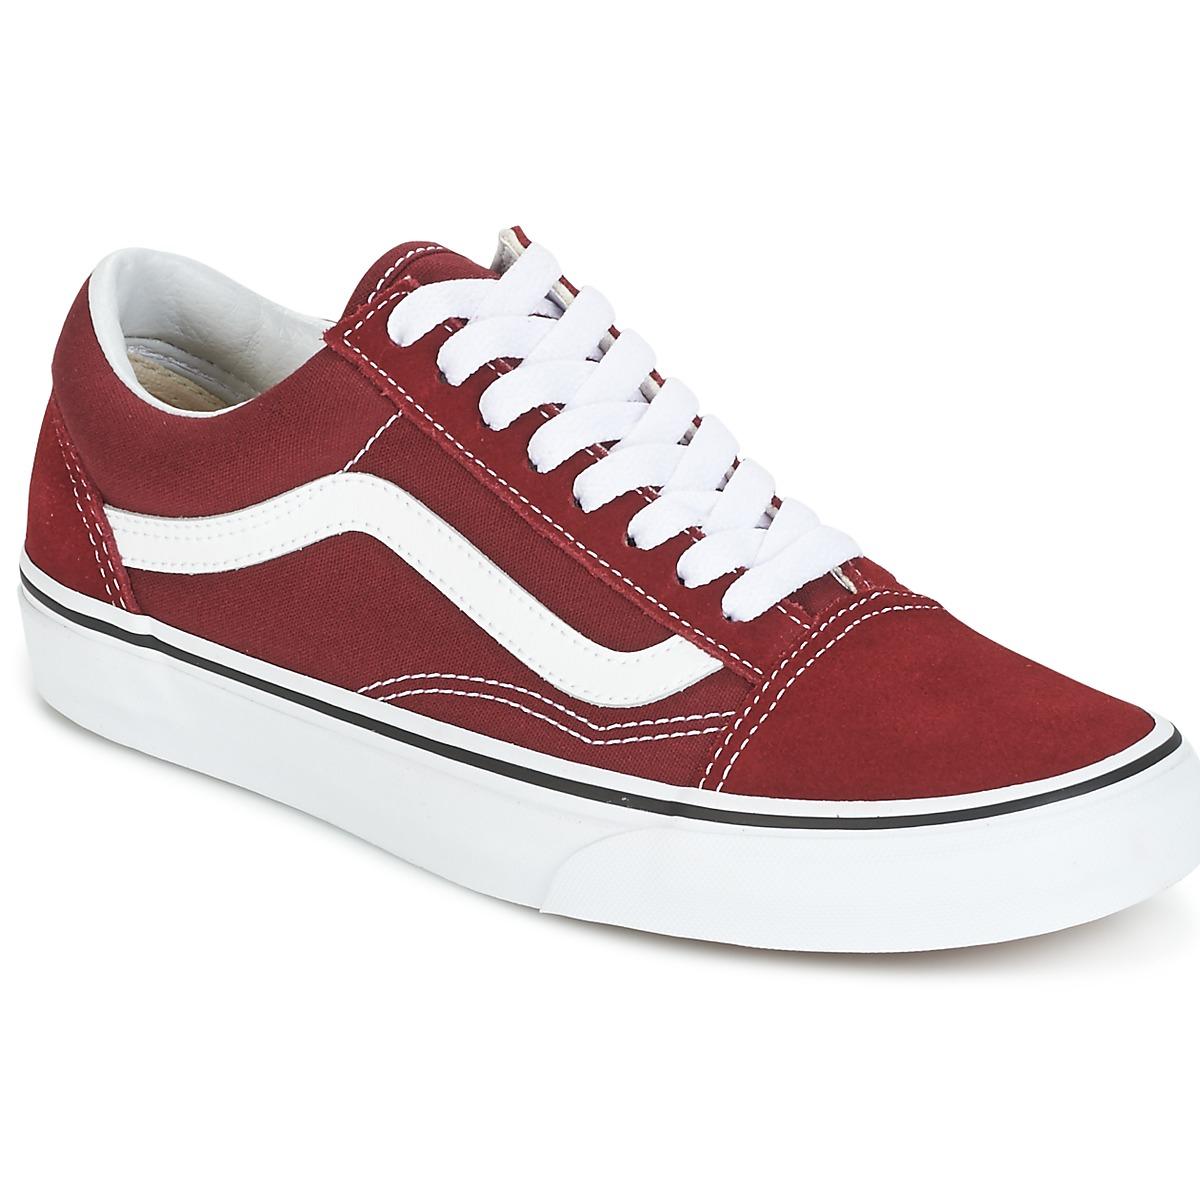 Chaussures Vans Old Skool - rouge/blanc